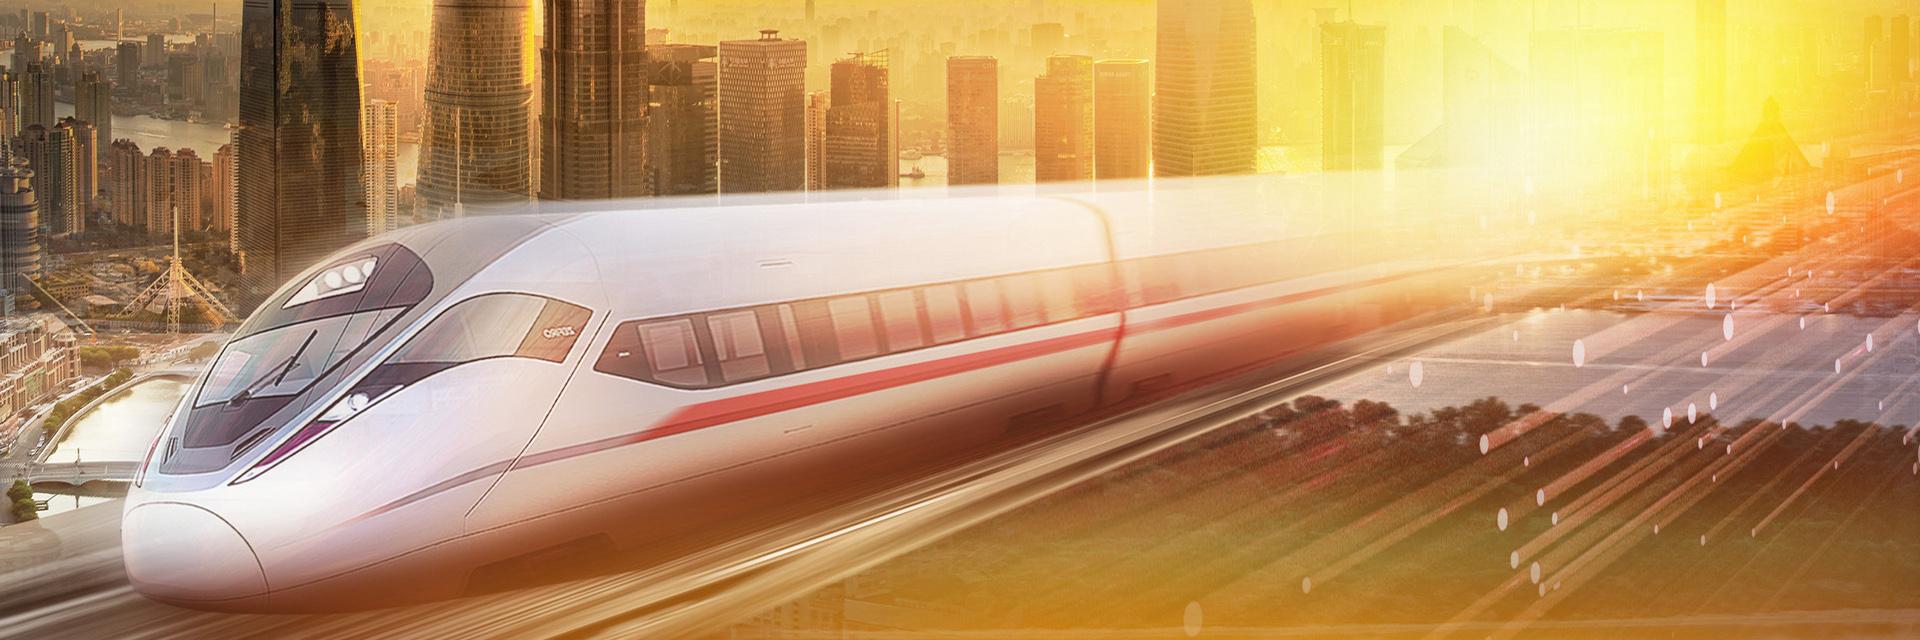 轨道交通系统